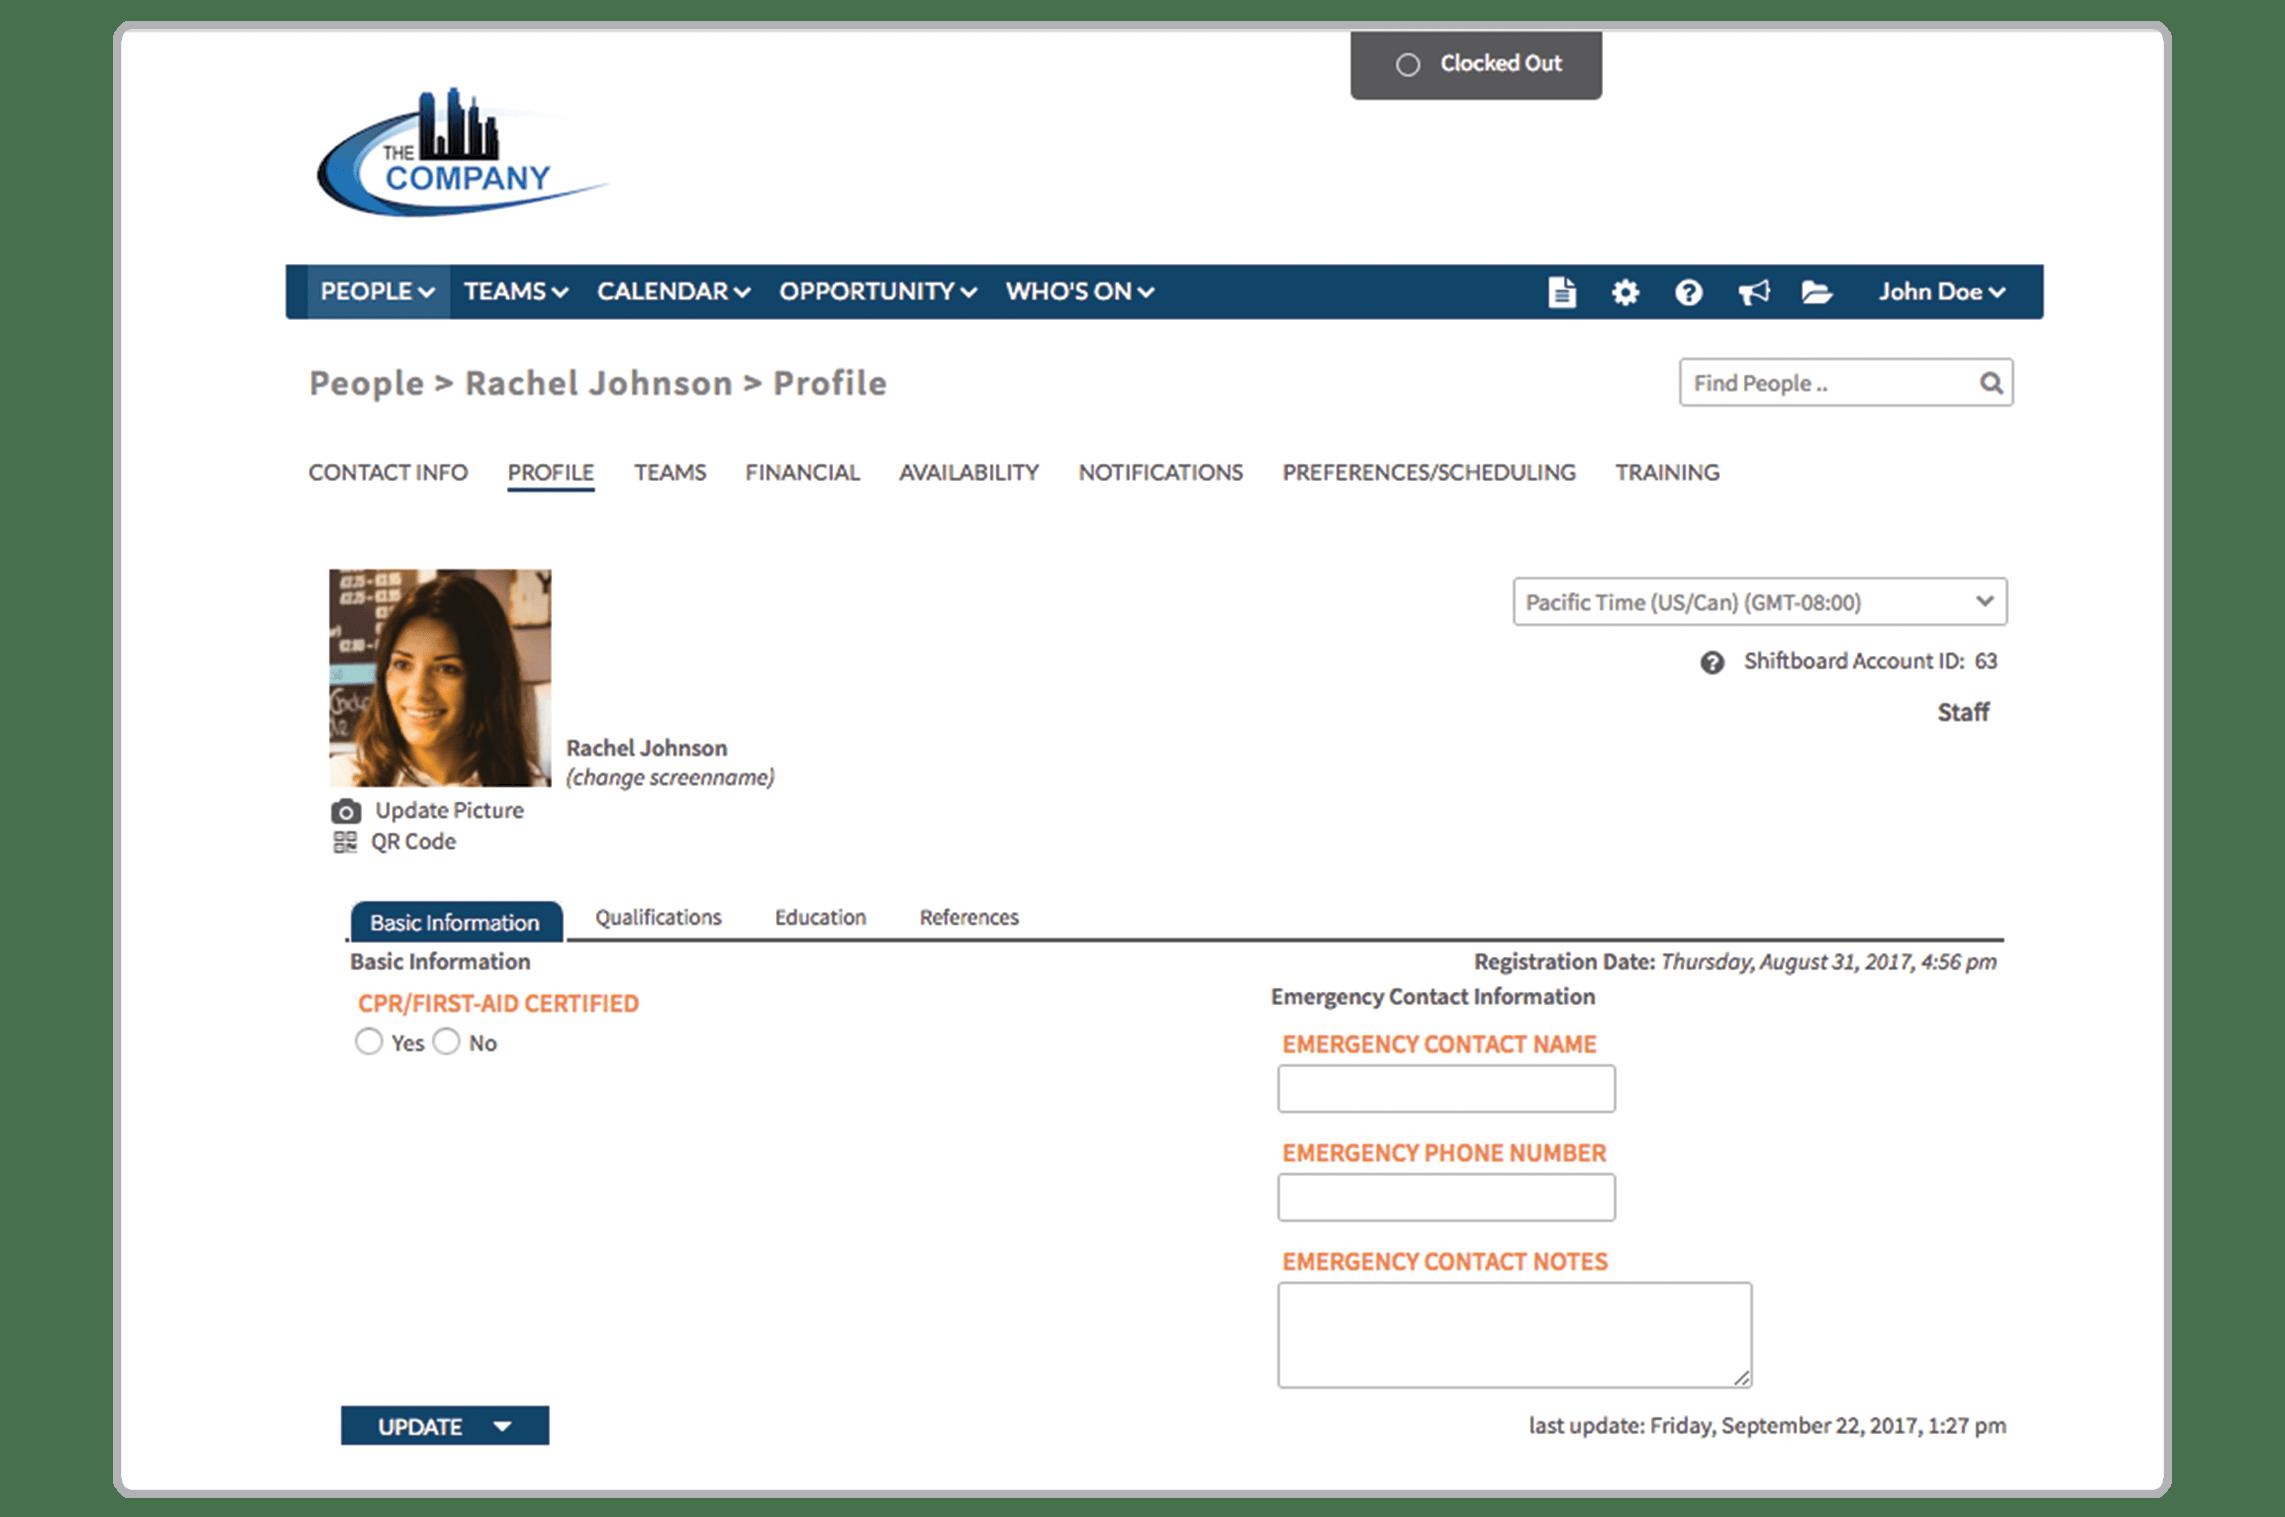 Shiftboard Software - Profile